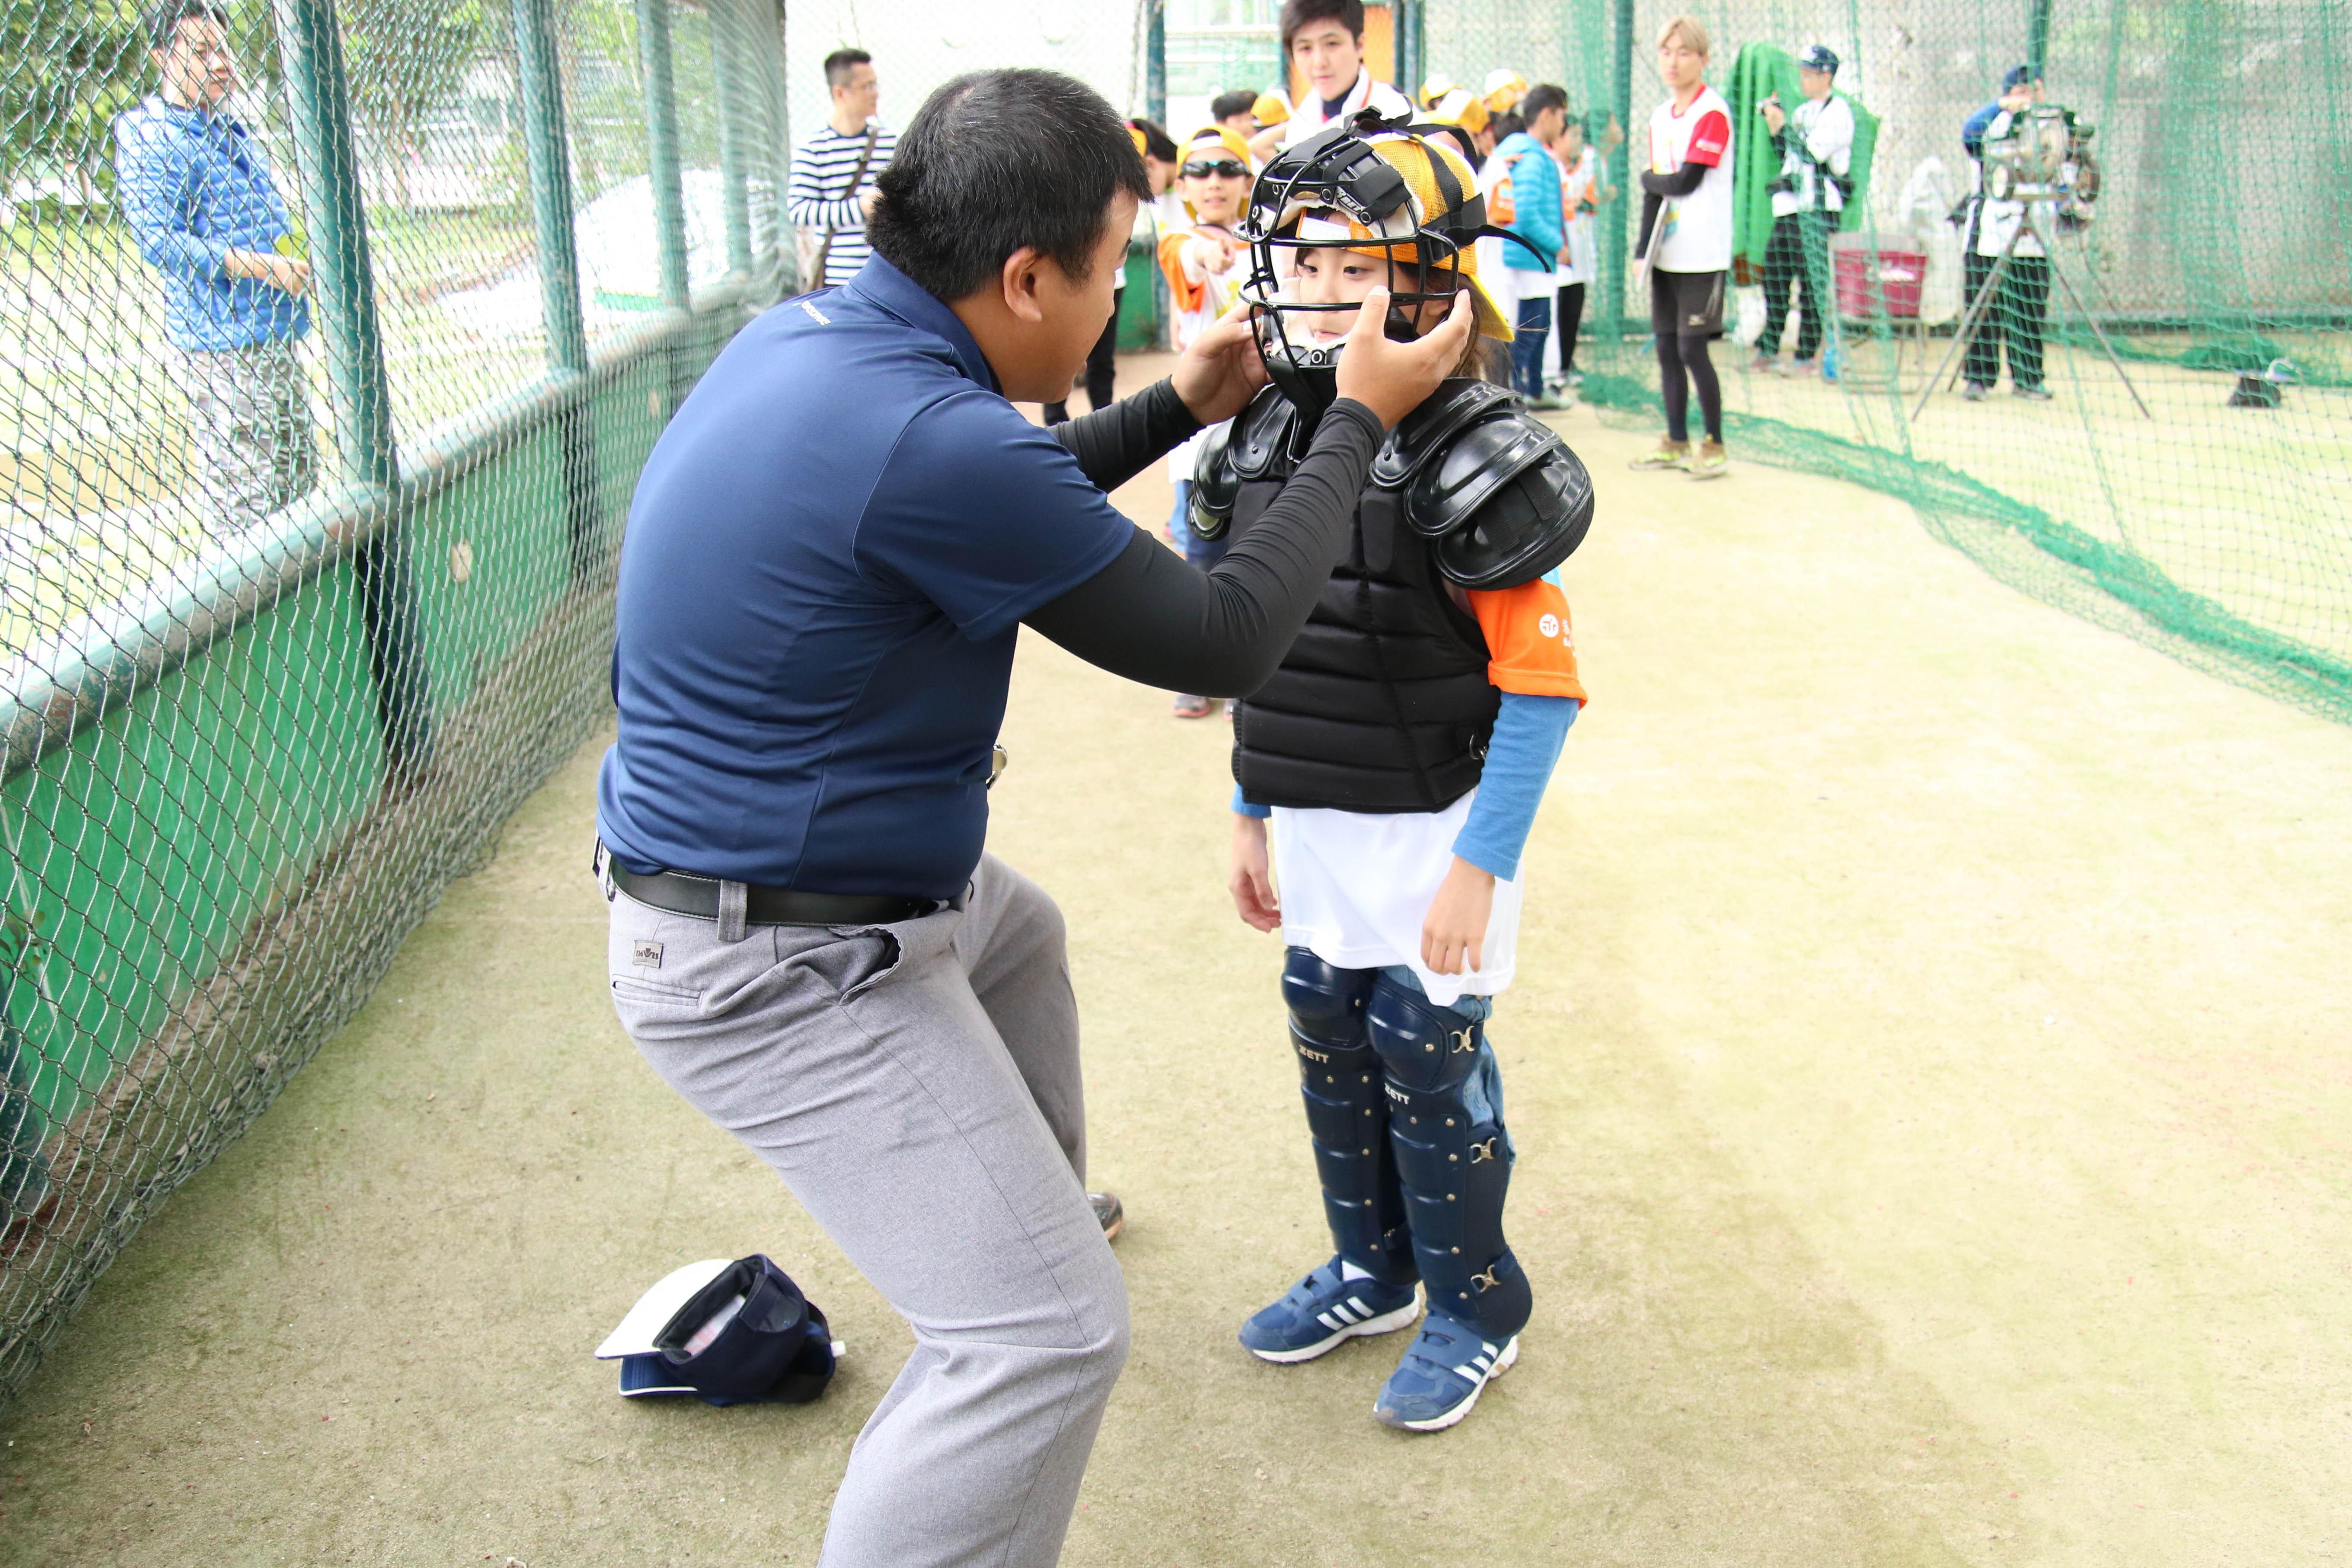 裁判老師親自幫小朋友穿上專業護具。攝影/楊智伃